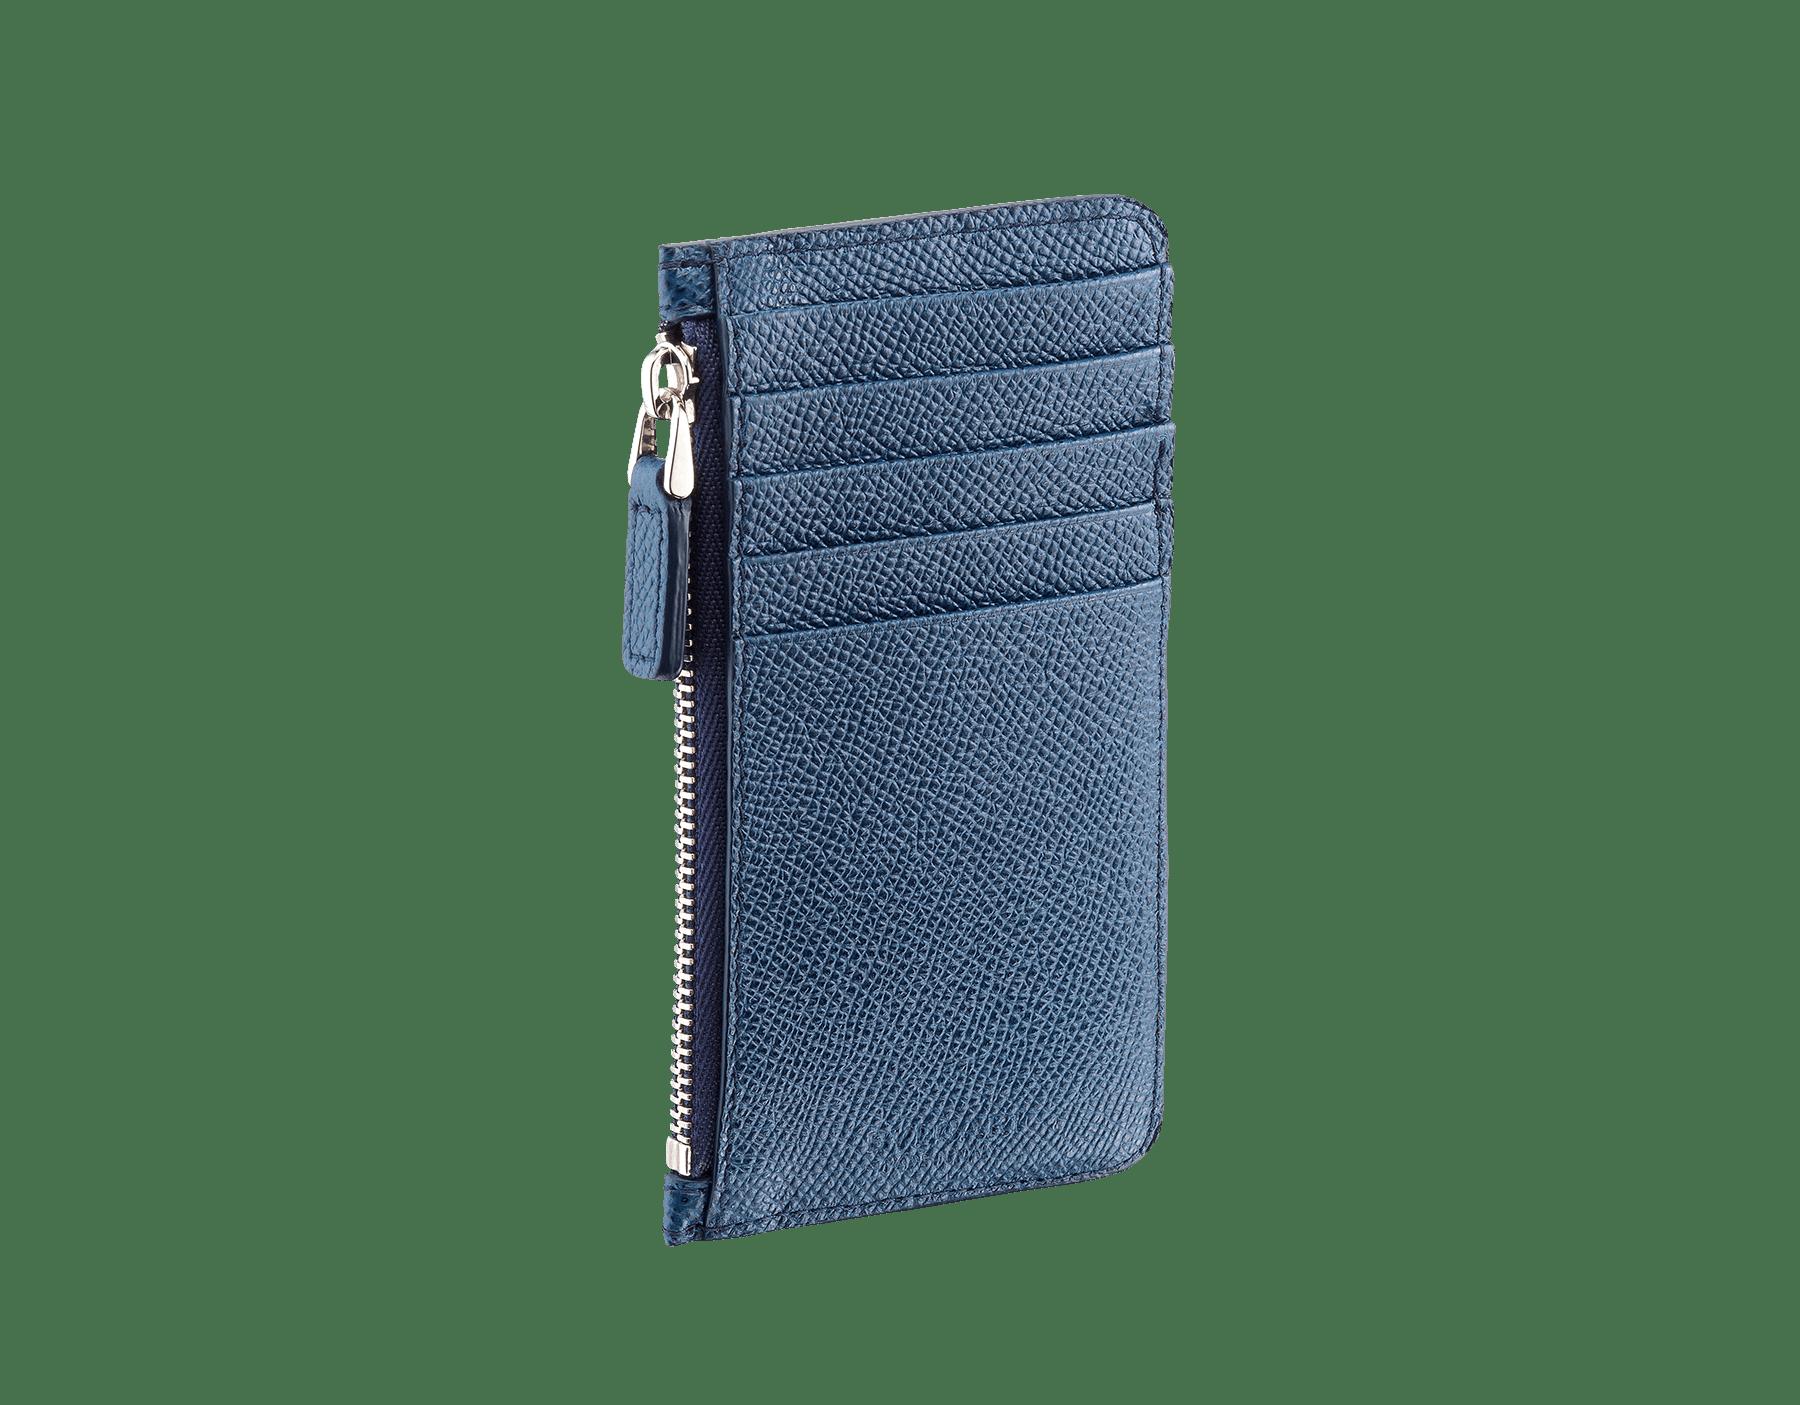 Étui pour cartes de crédit en cuir de veau grainé bleu denim saphir avec motif Bulgari Bulgari en laiton plaqué palladium. 282601 image 1